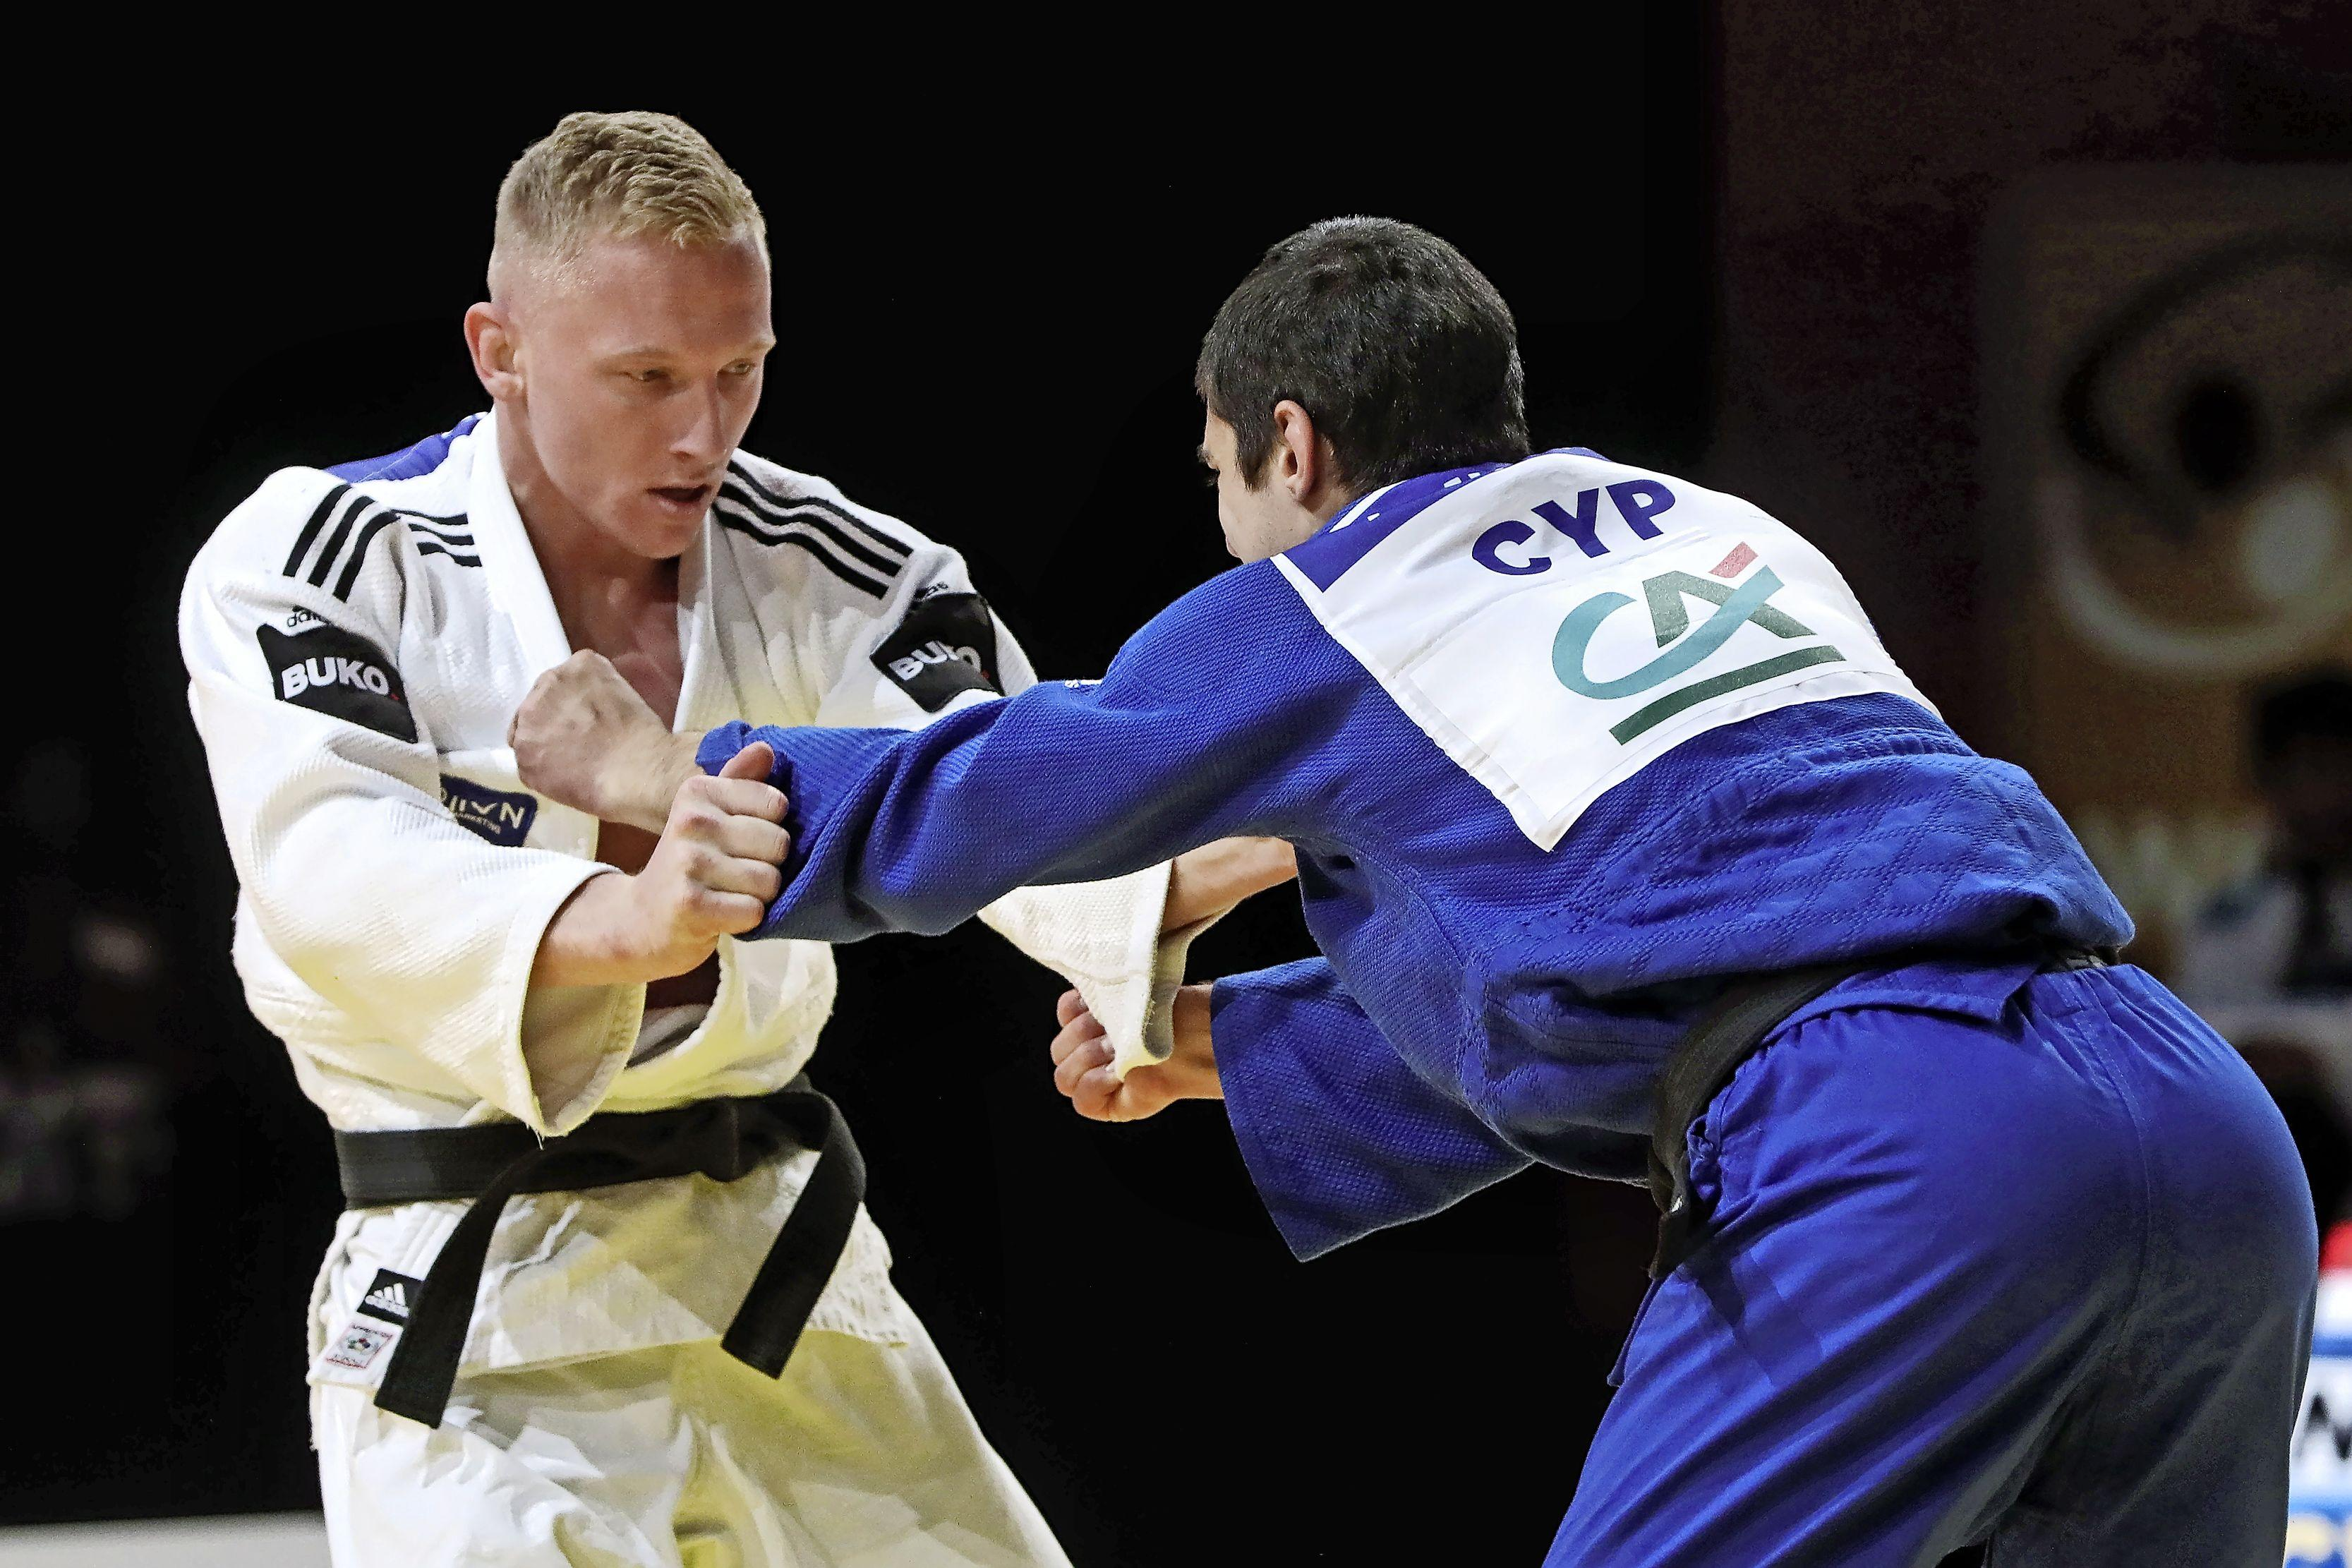 Heemskerkse judoka Frank de Wit raakt gewend aan de coronabubbels: 'Het wordt allemaal na een tijdje een soort van normaal'